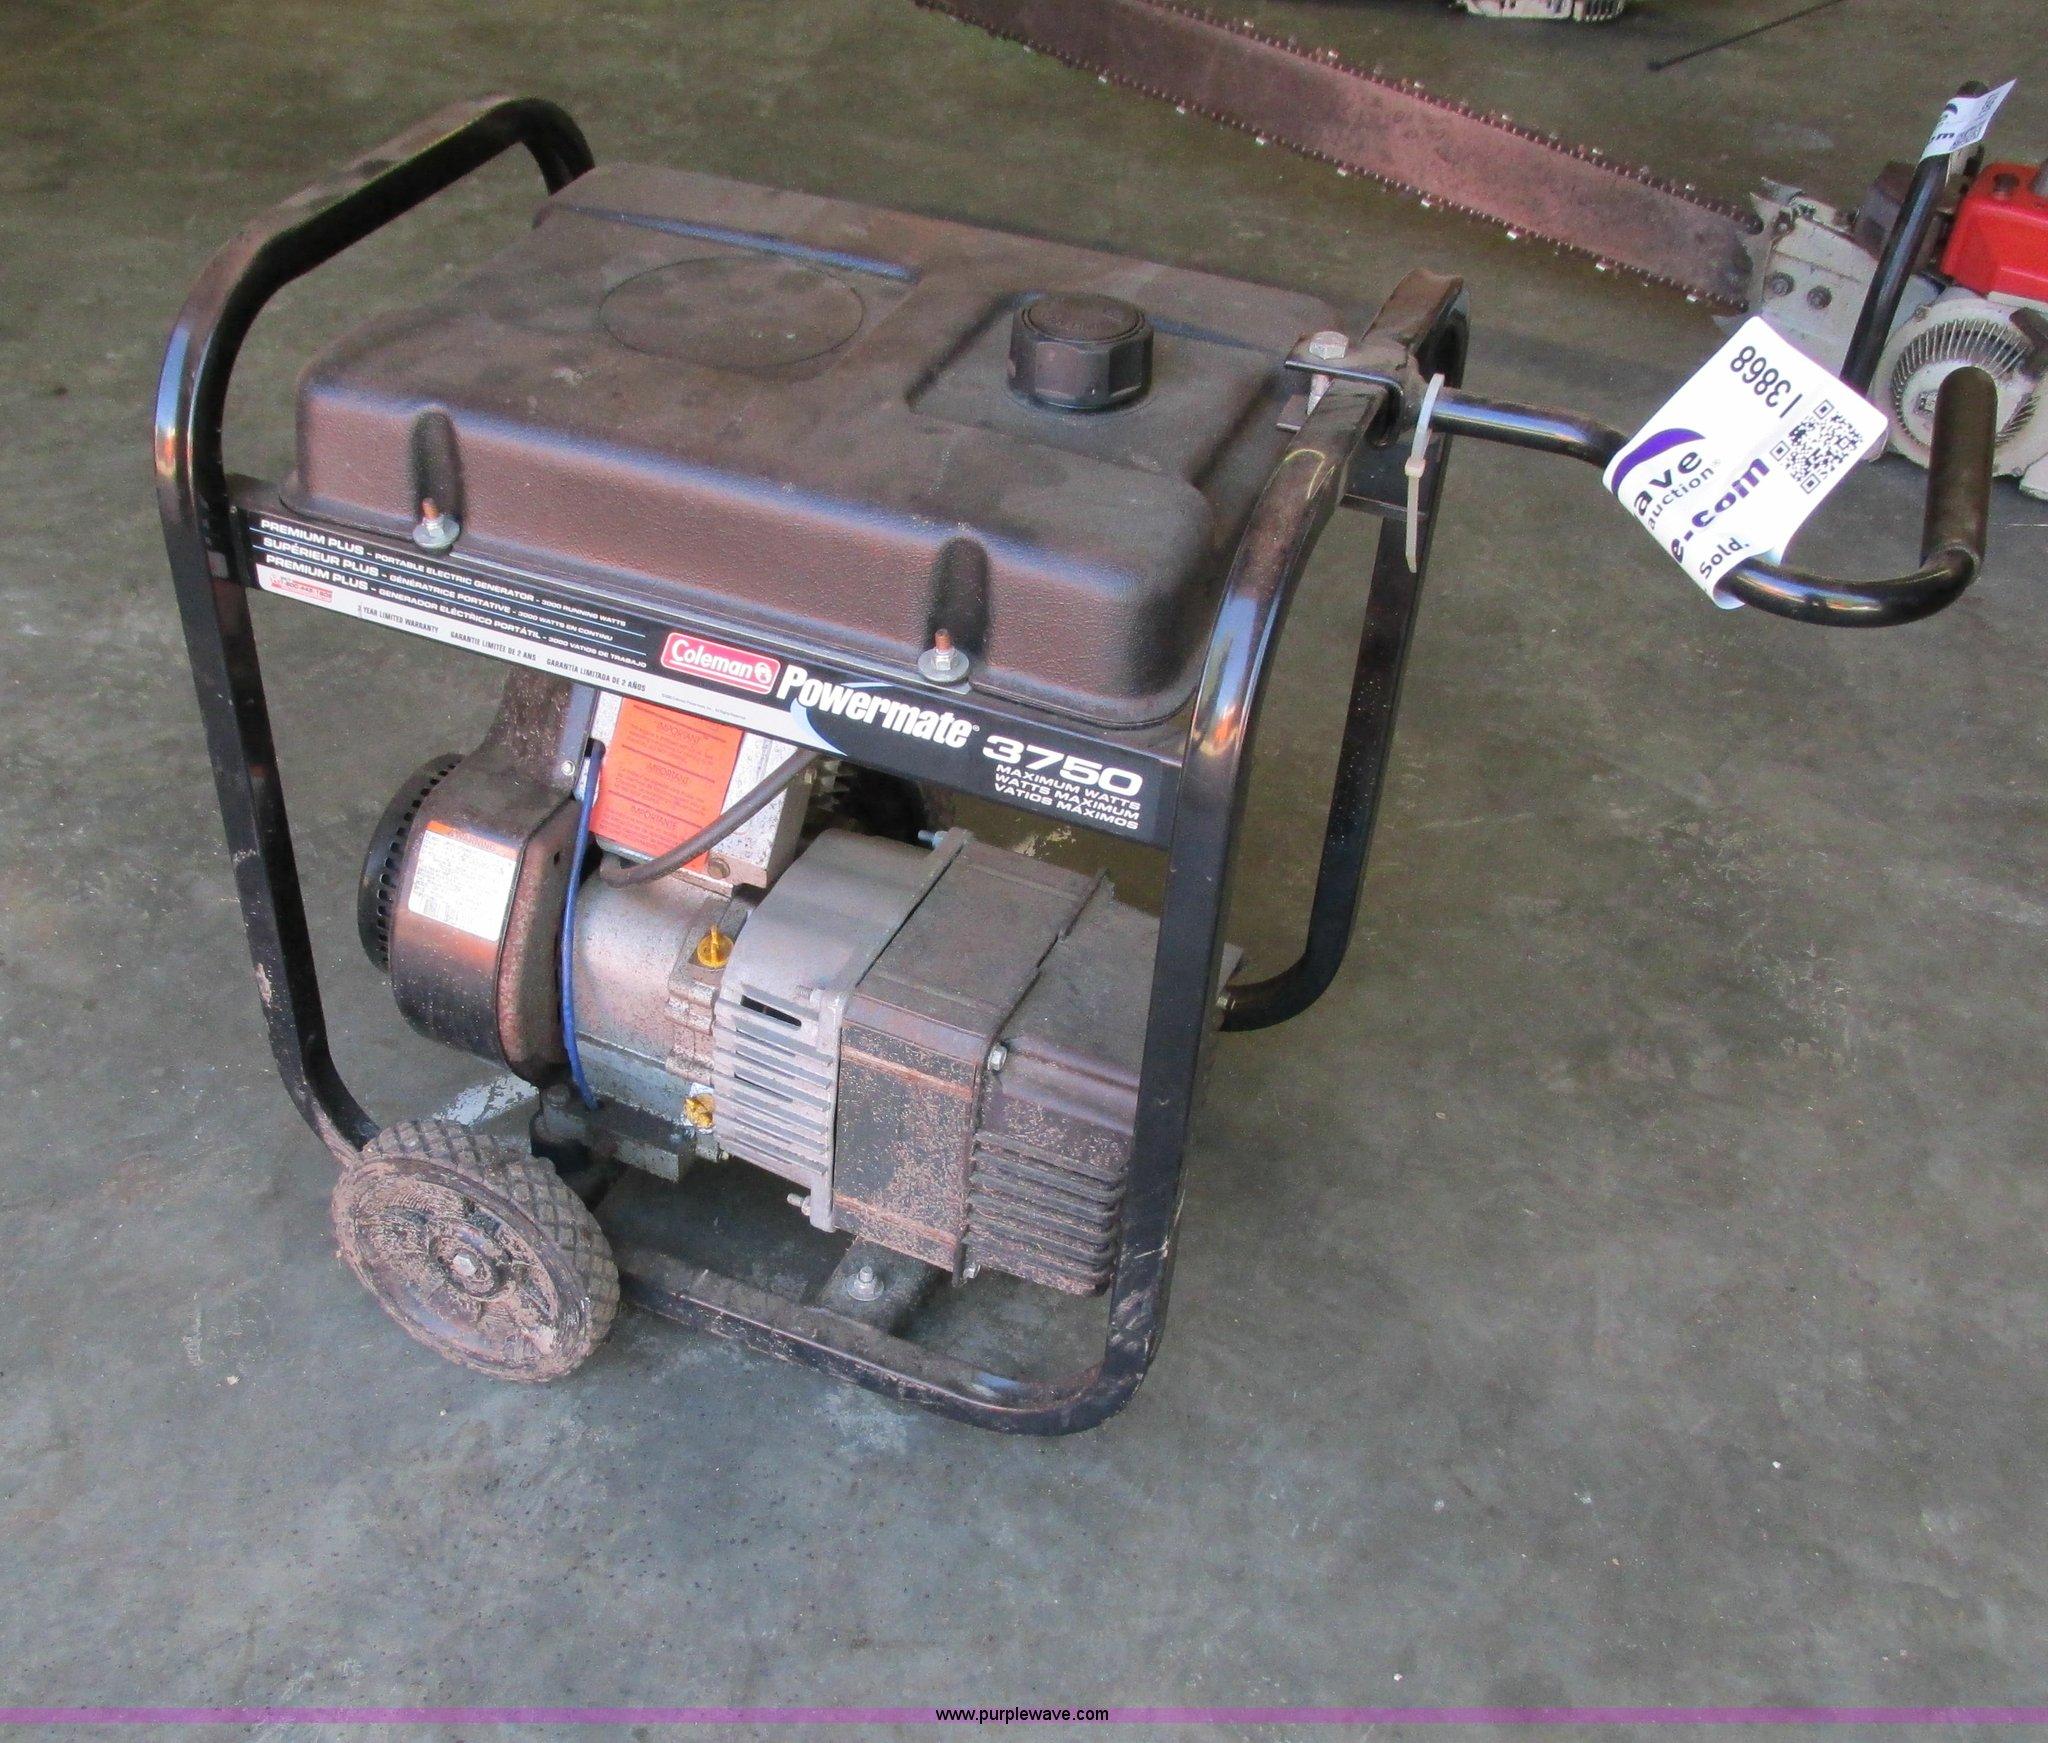 Coleman Powermate 3750 generator | Item I3868 | SOLD! August